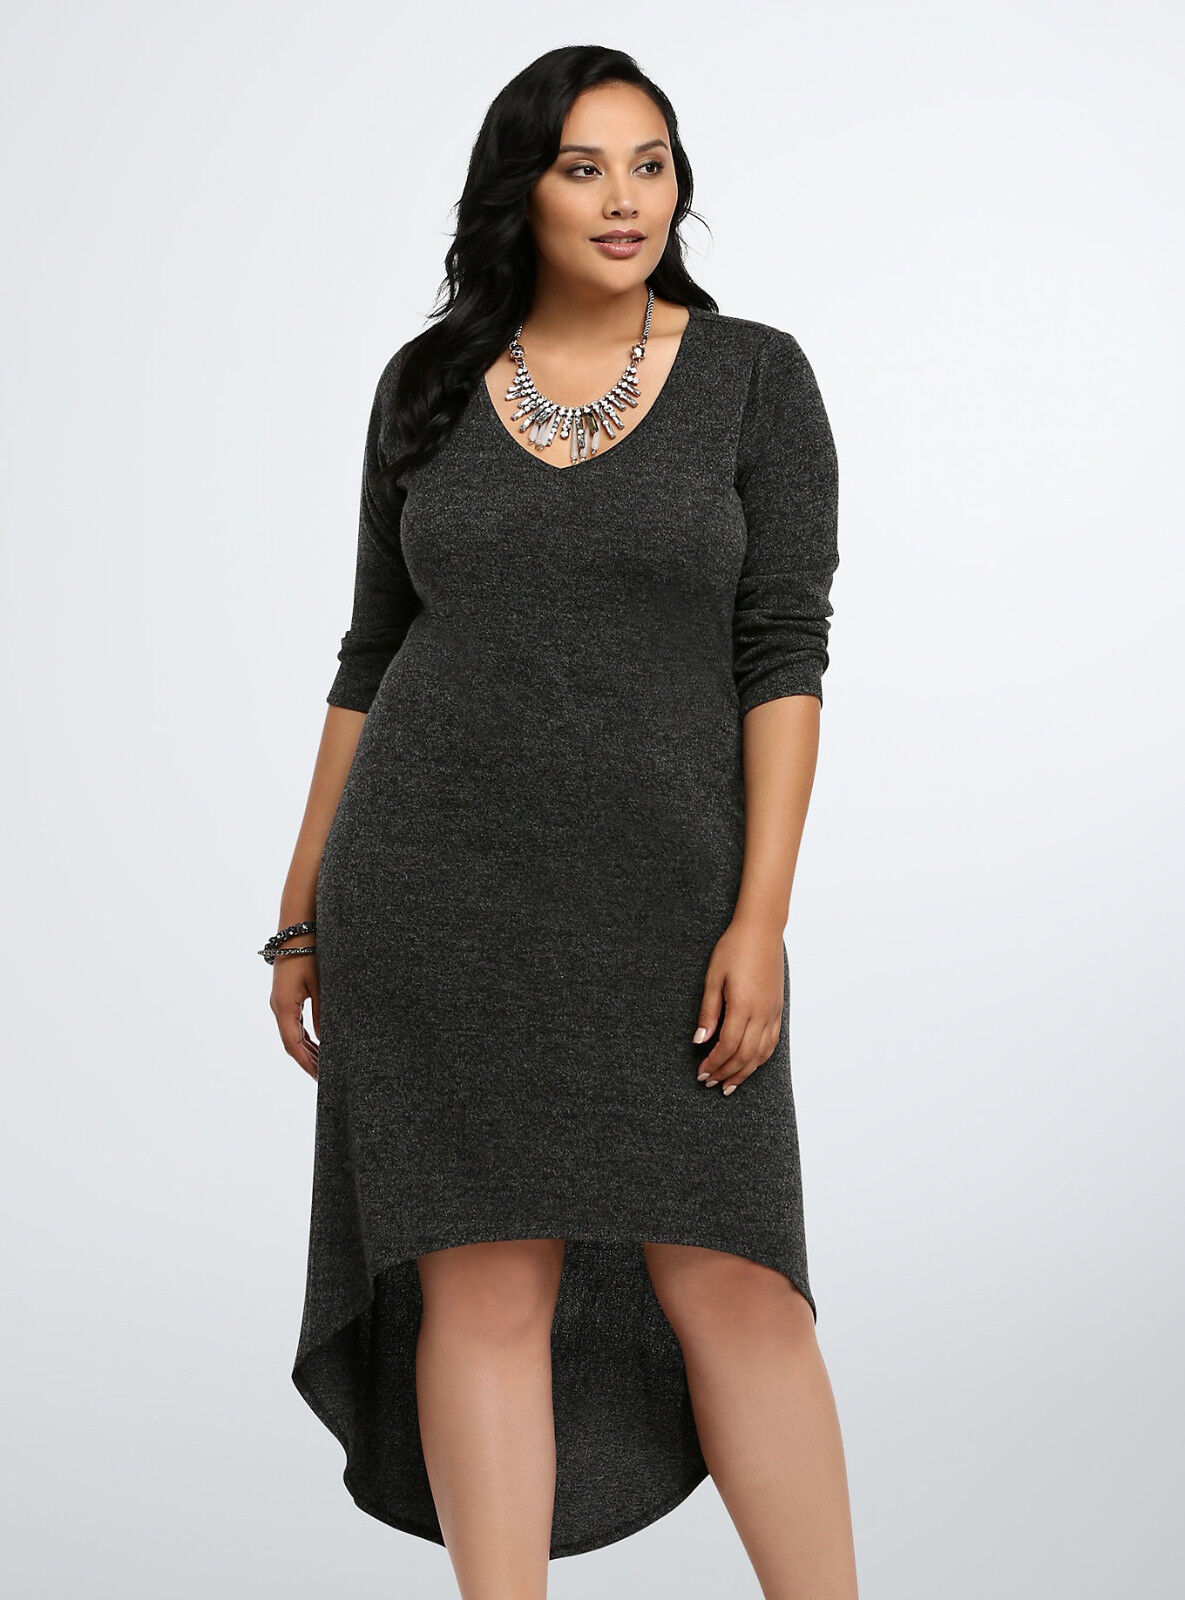 TORRID TORRID TORRID Womens (L (0)12) Knit Sweater Dress Stretch Cozy Heather Grey Hi-Lo RARE  5b4789